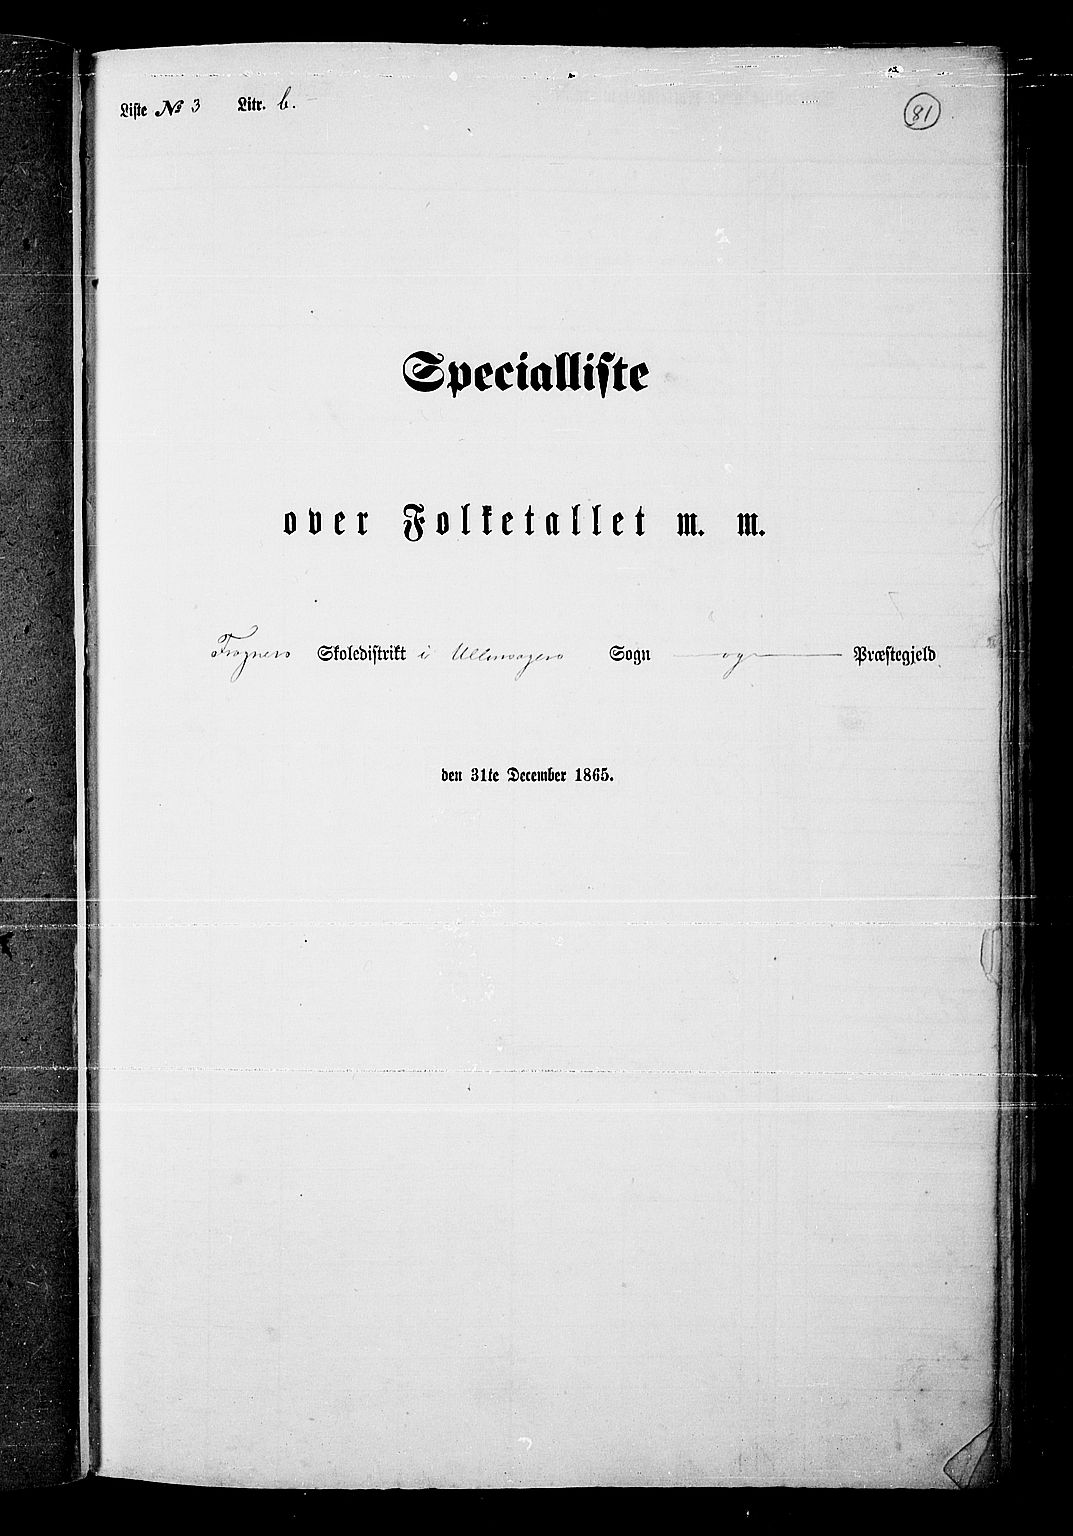 RA, Folketelling 1865 for 0235P Ullensaker prestegjeld, 1865, s. 69